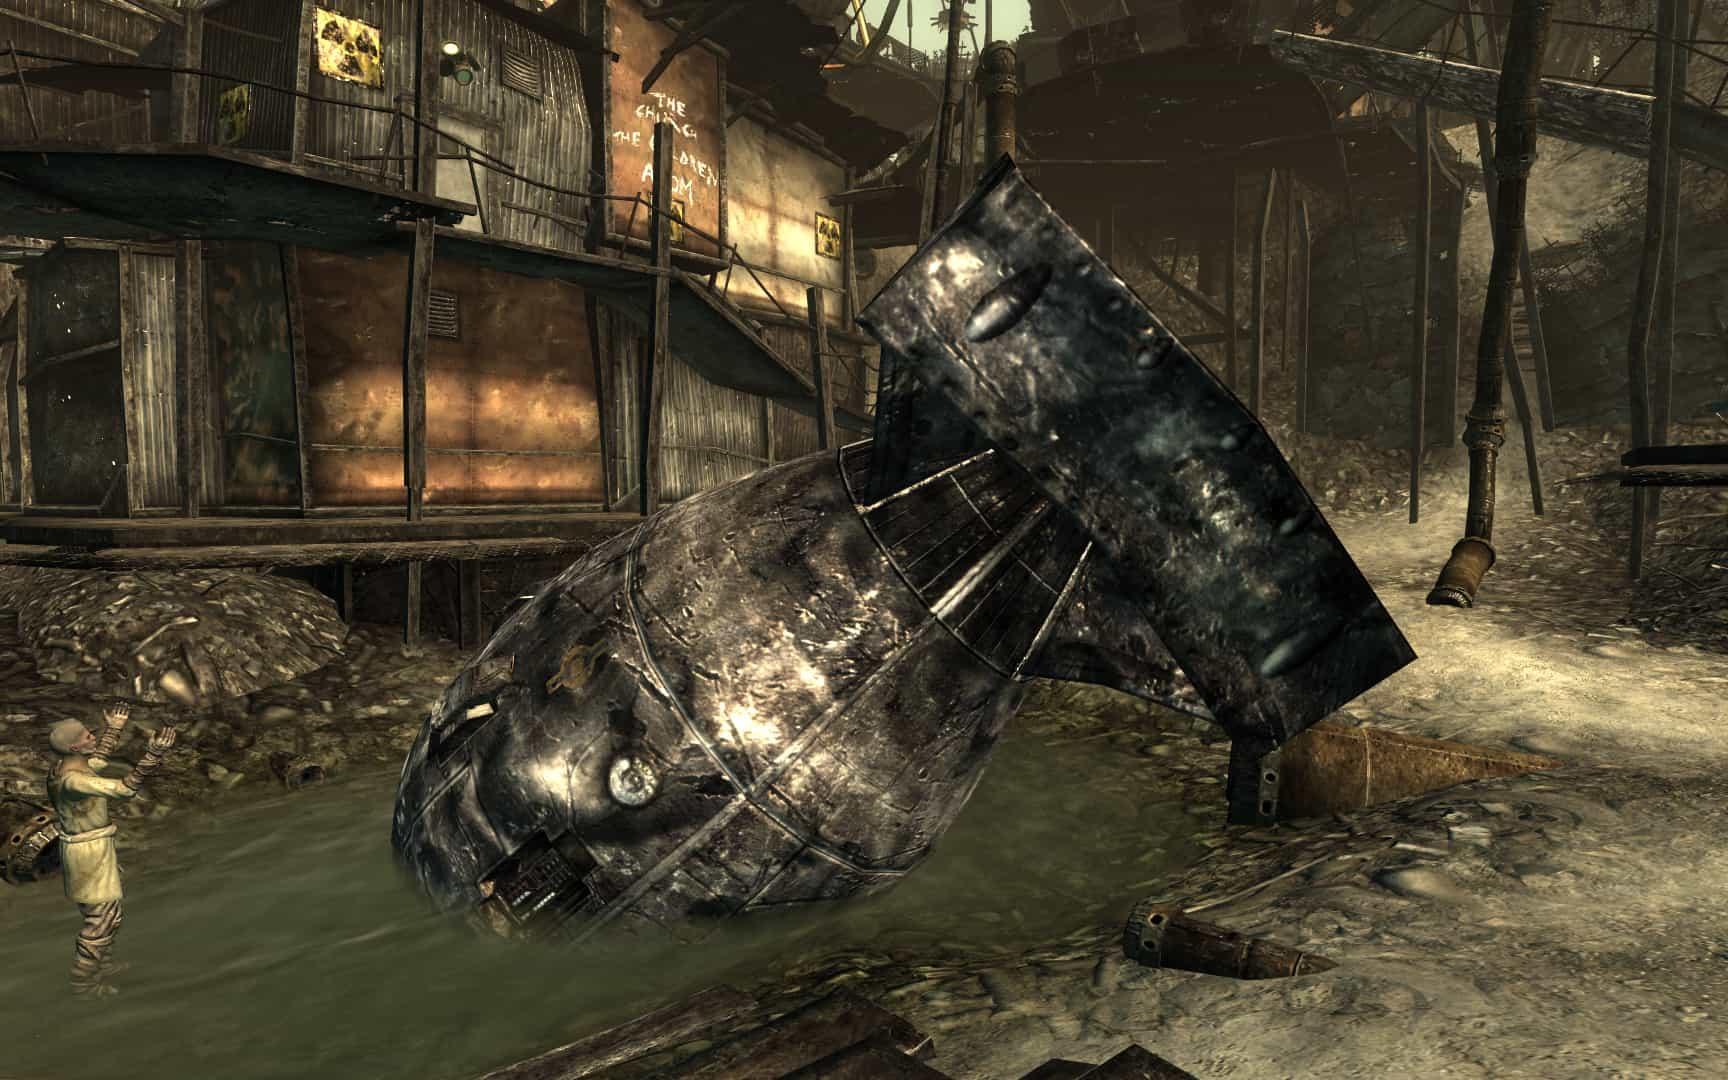 Megaton Bomb